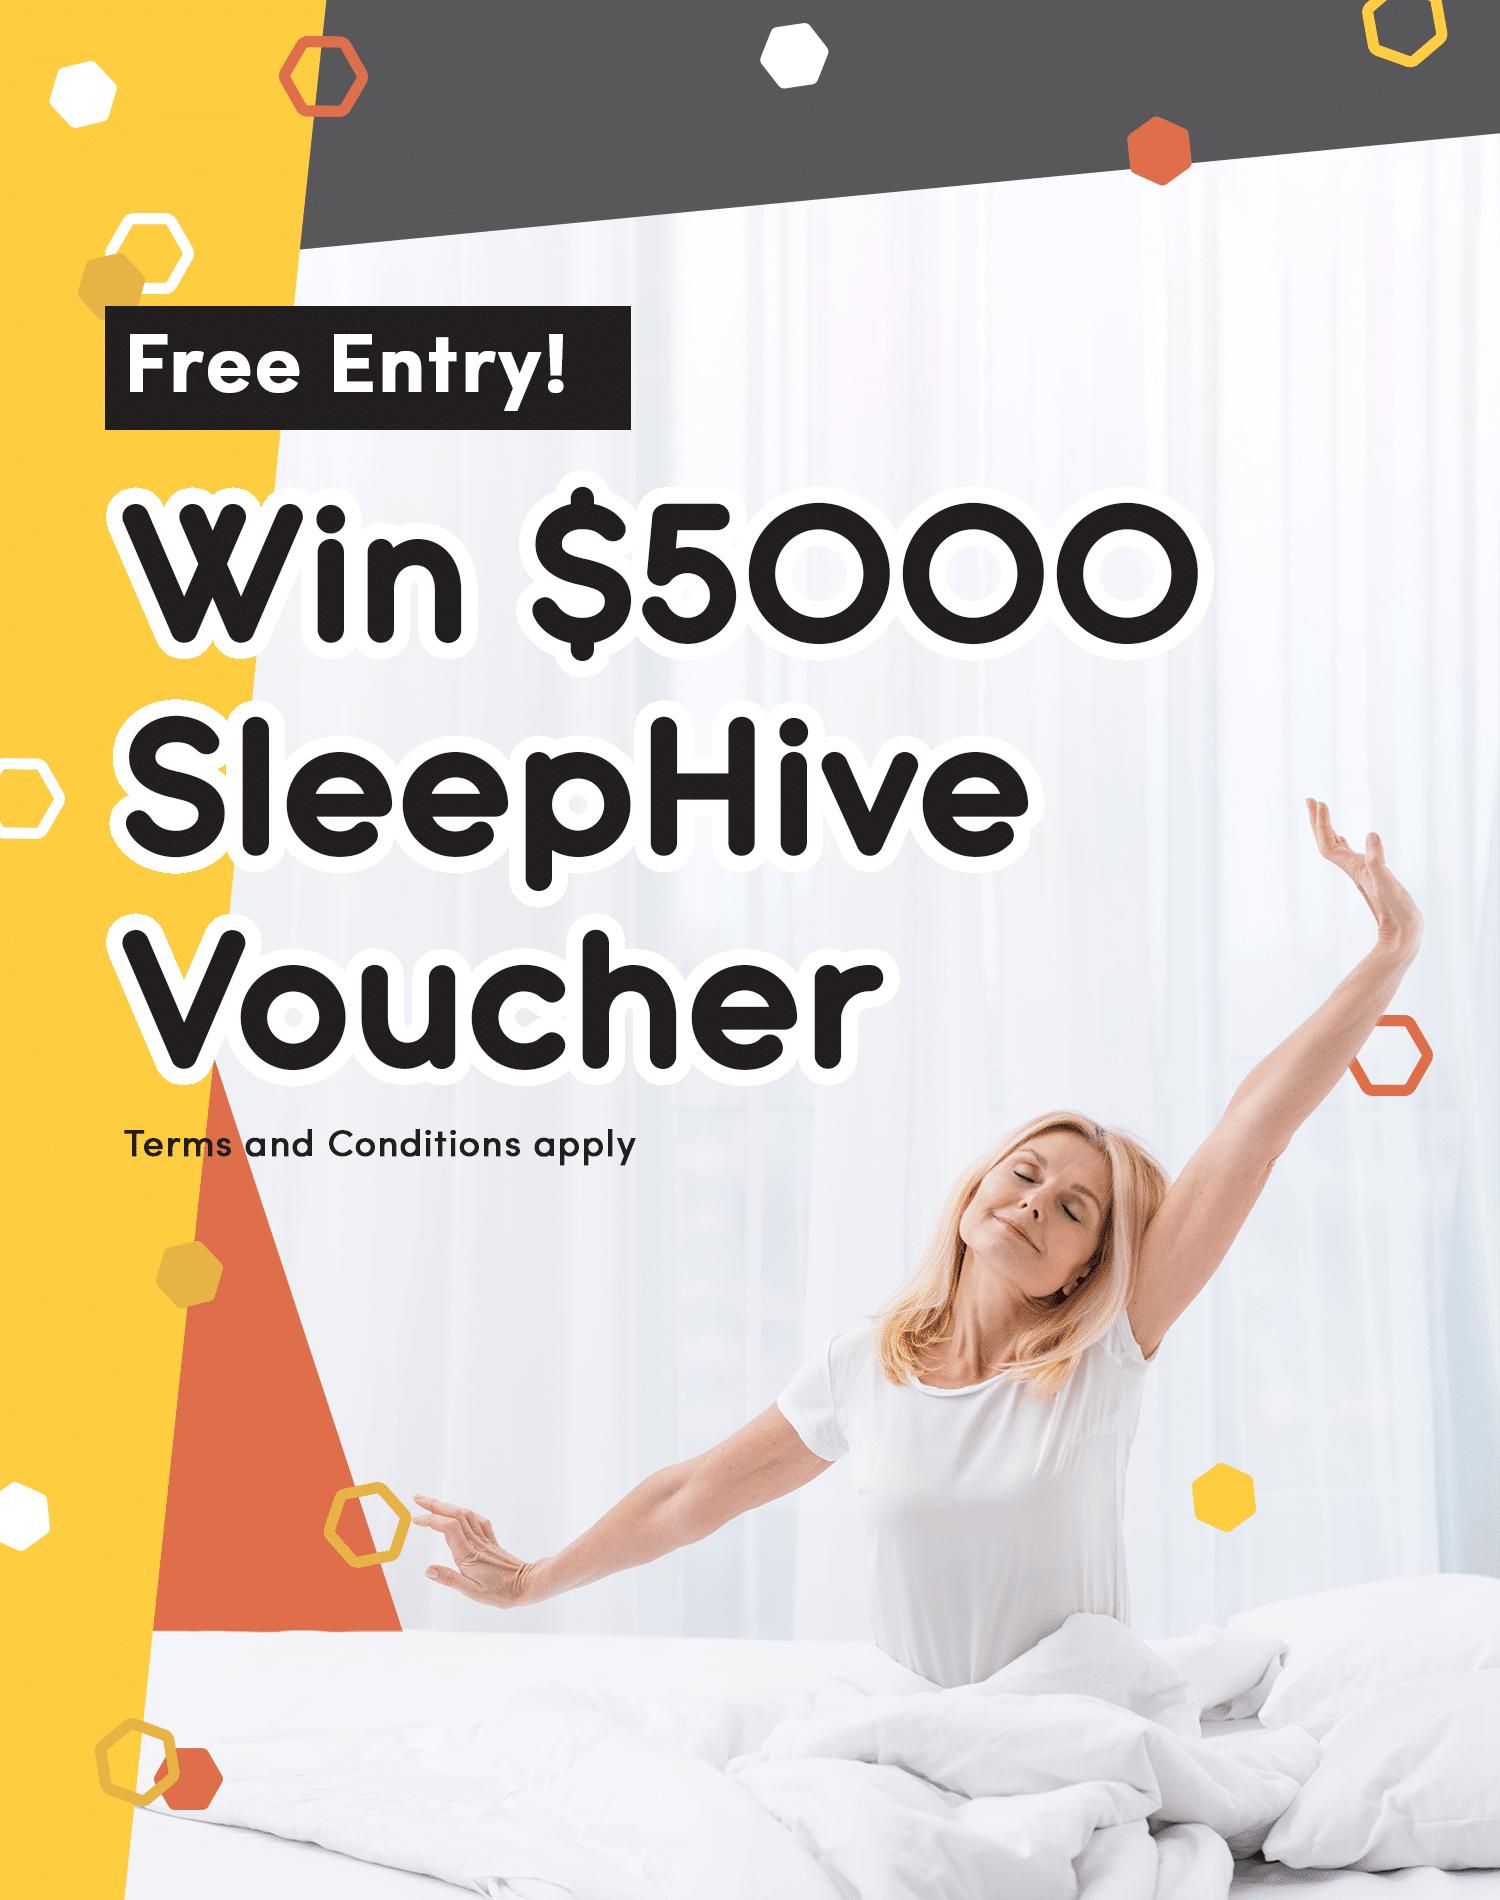 https://sleephive.com.au/wp-content/uploads/2021/10/5000-Voucher-1.png